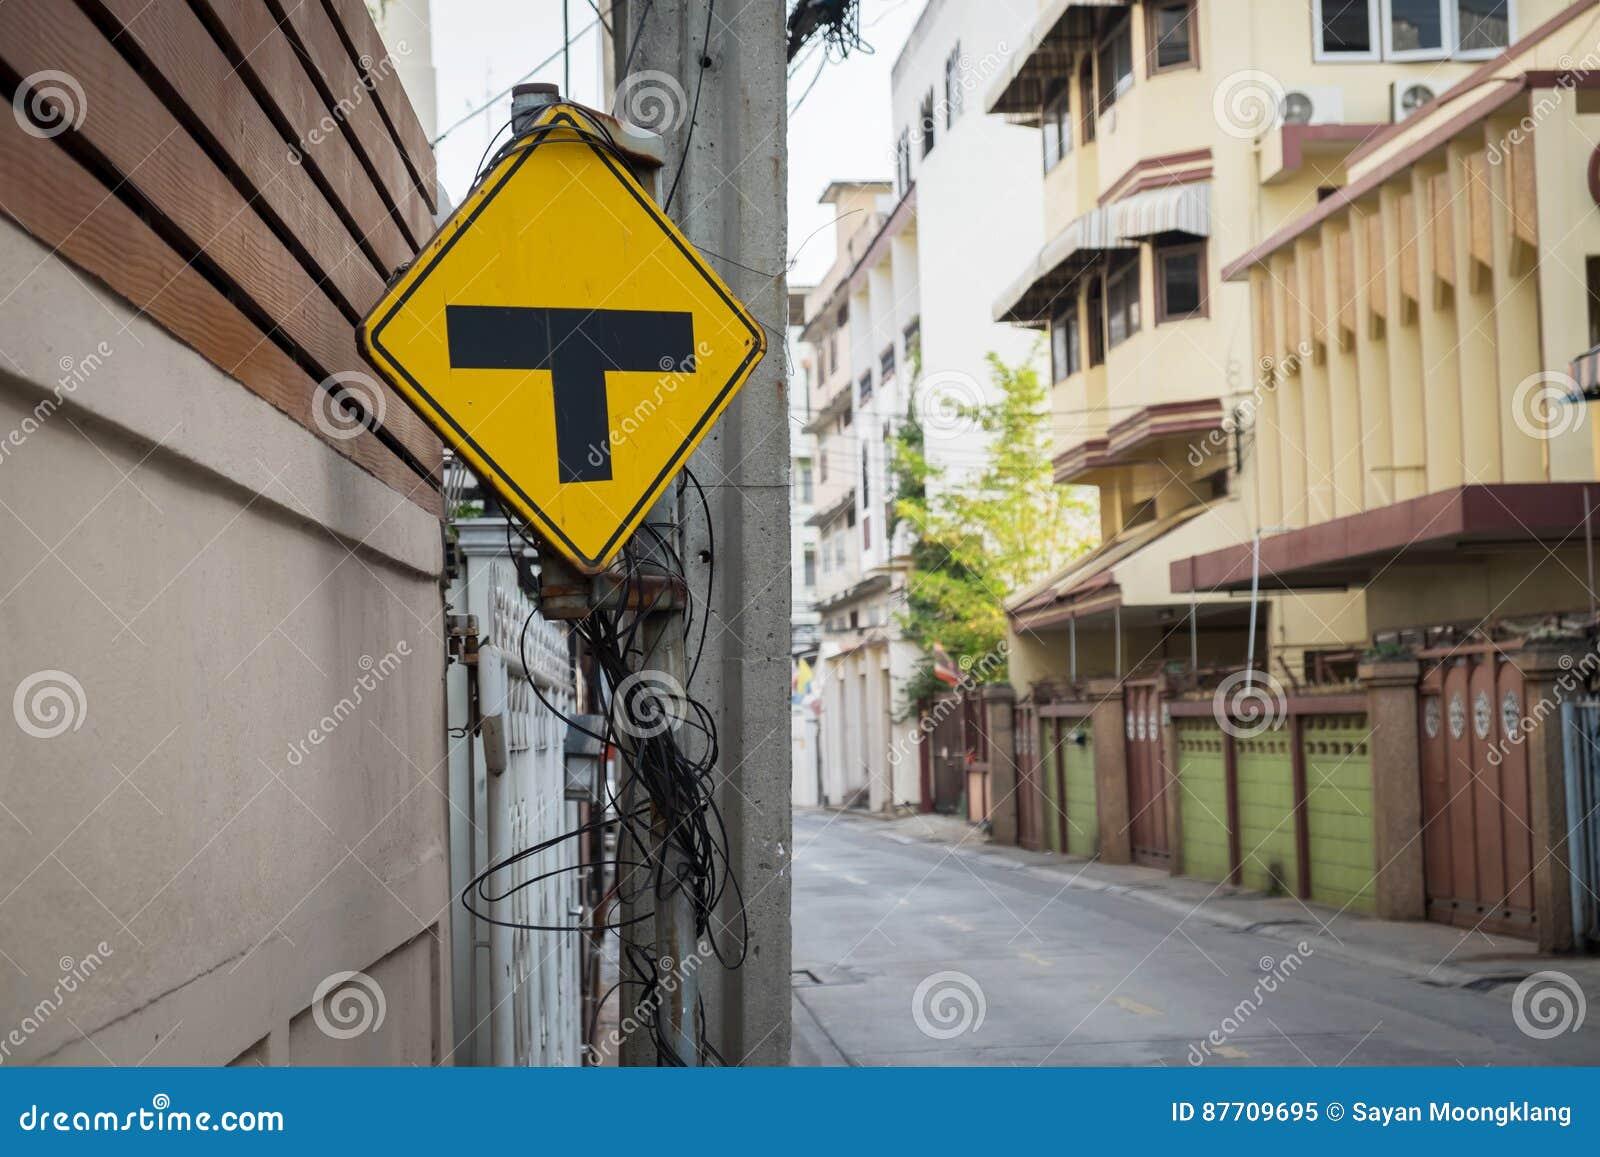 Alerte de poteau de signalisation pour le carrefour en avant